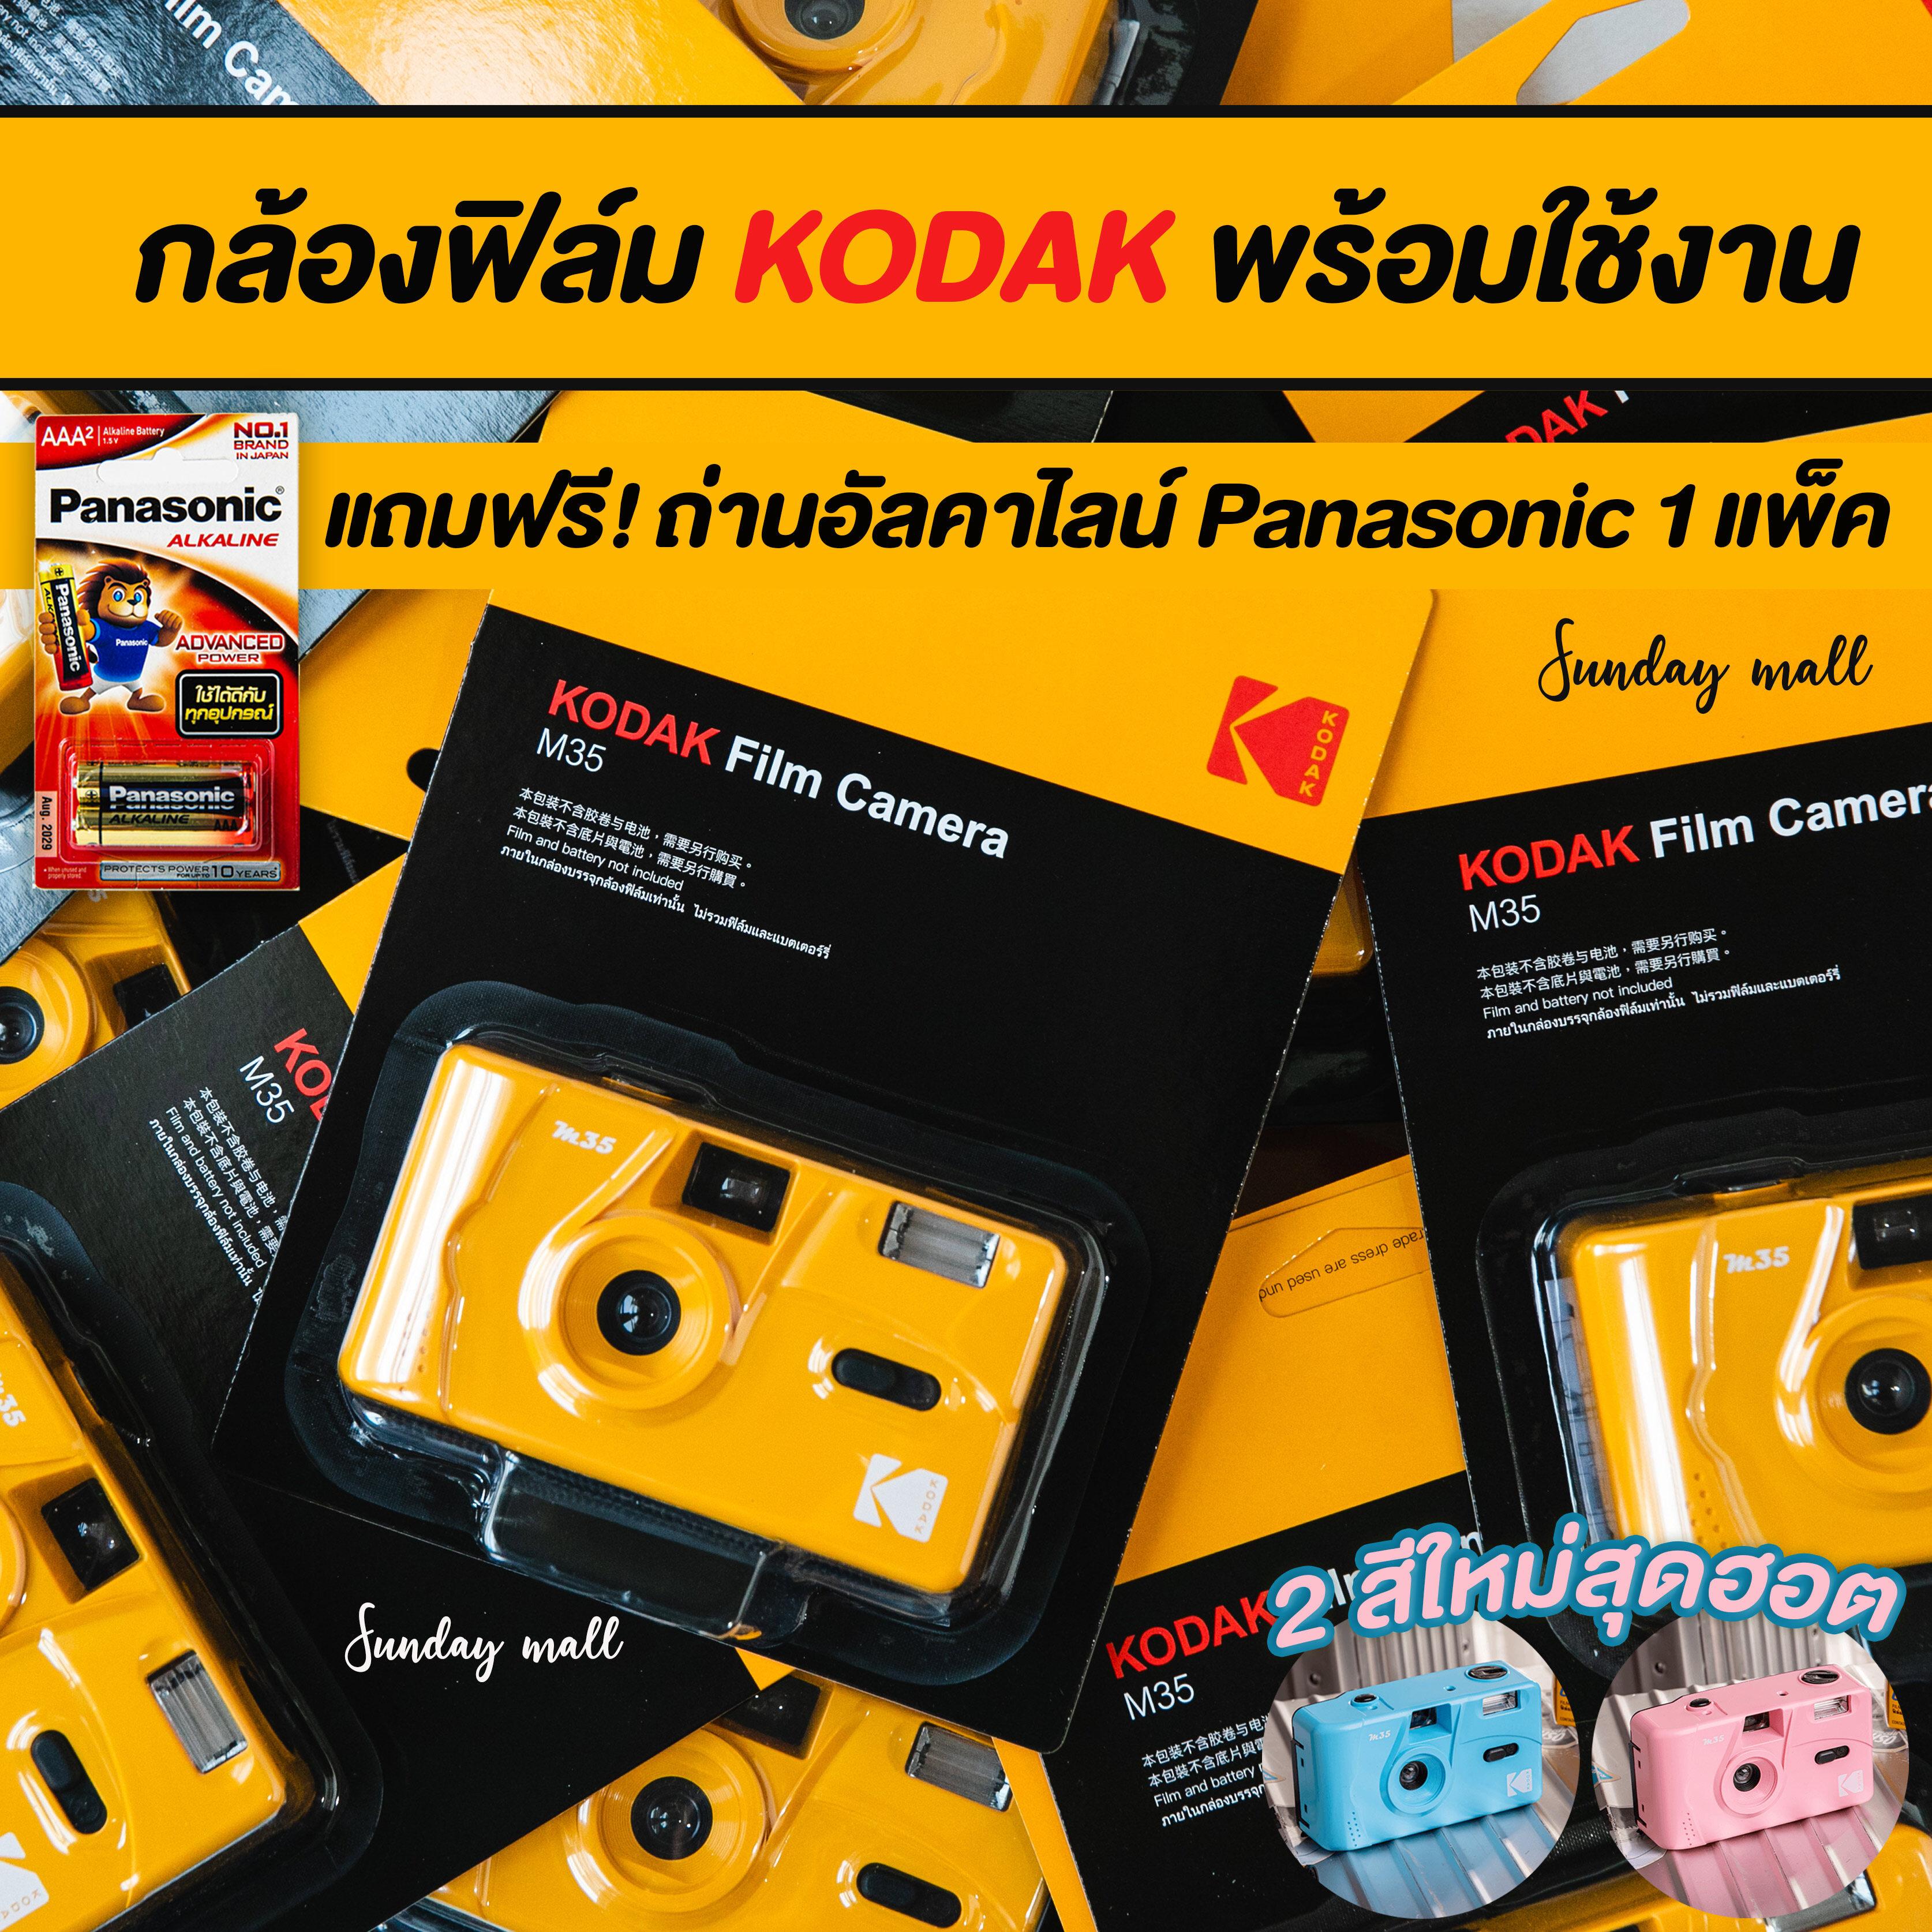 กล้องฟิล์ม Kodak M35 , M38 + ถ่านอัลคาไลน์ Aaa พร้อมส่ง❗️camera Film 35มม.